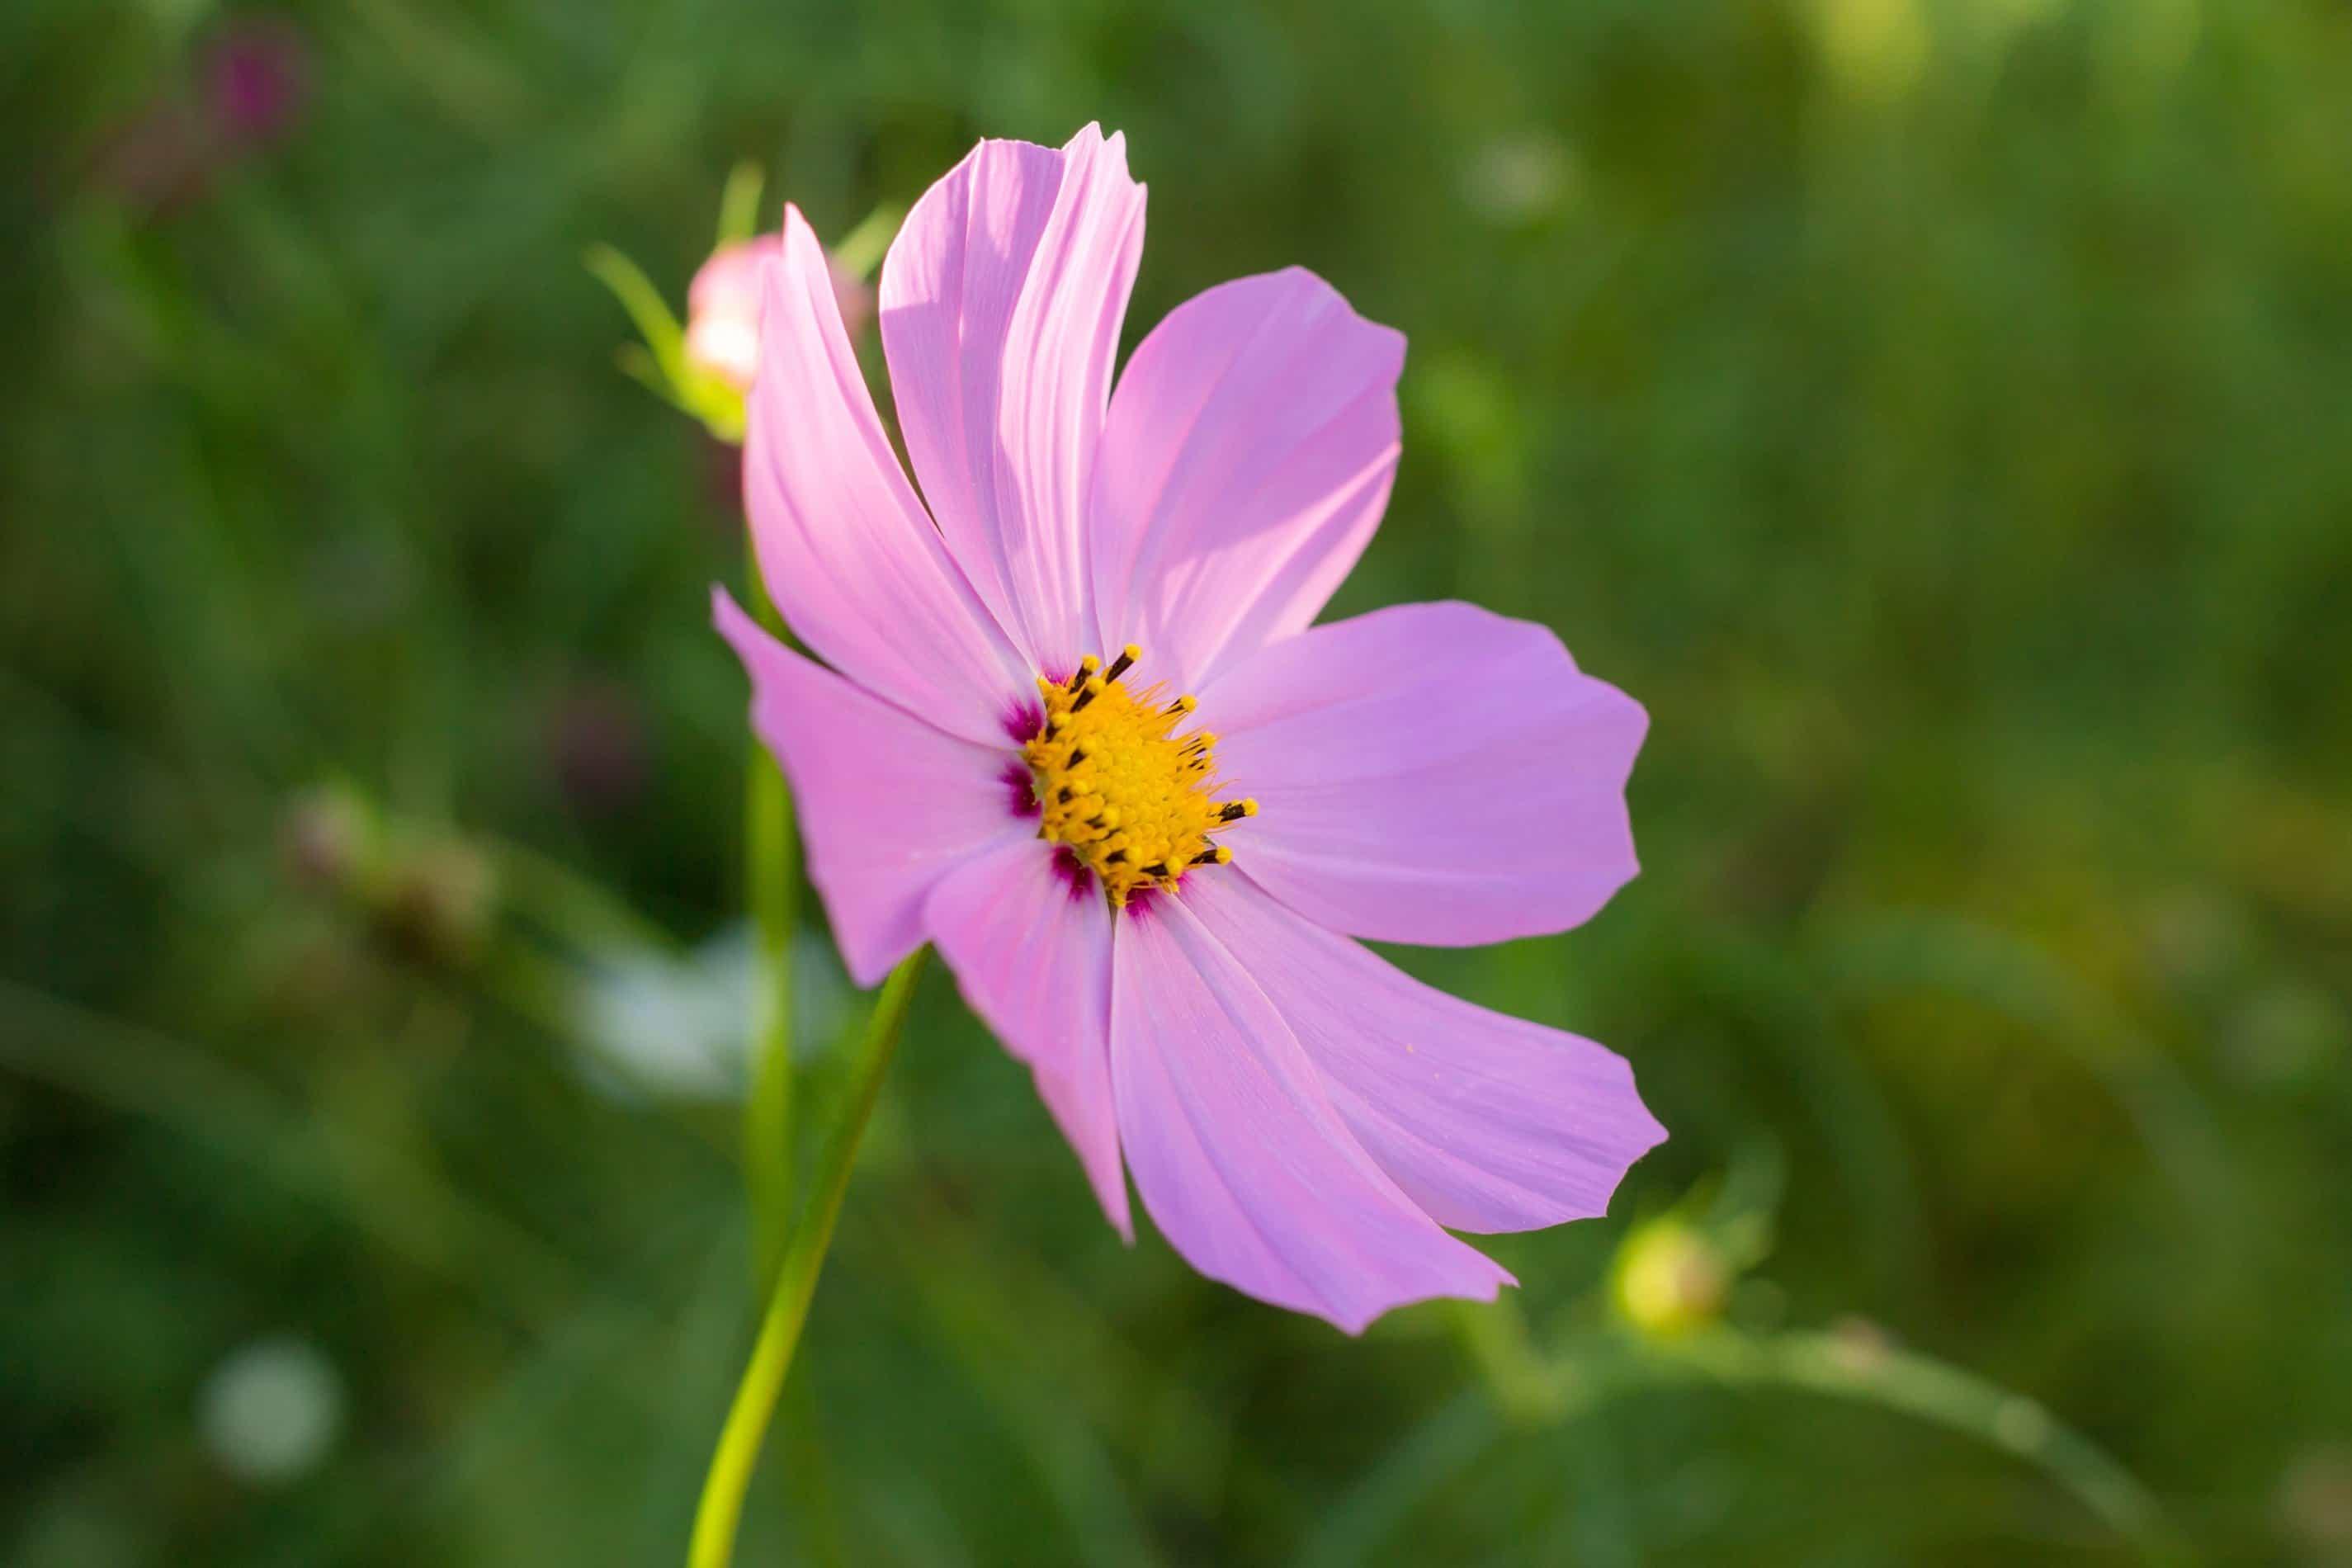 Ganz und zu Extrem Kostenlose Bild: Blume, Pflanzen, Garten, Sommer, Natur, Pflanze #SQ_25